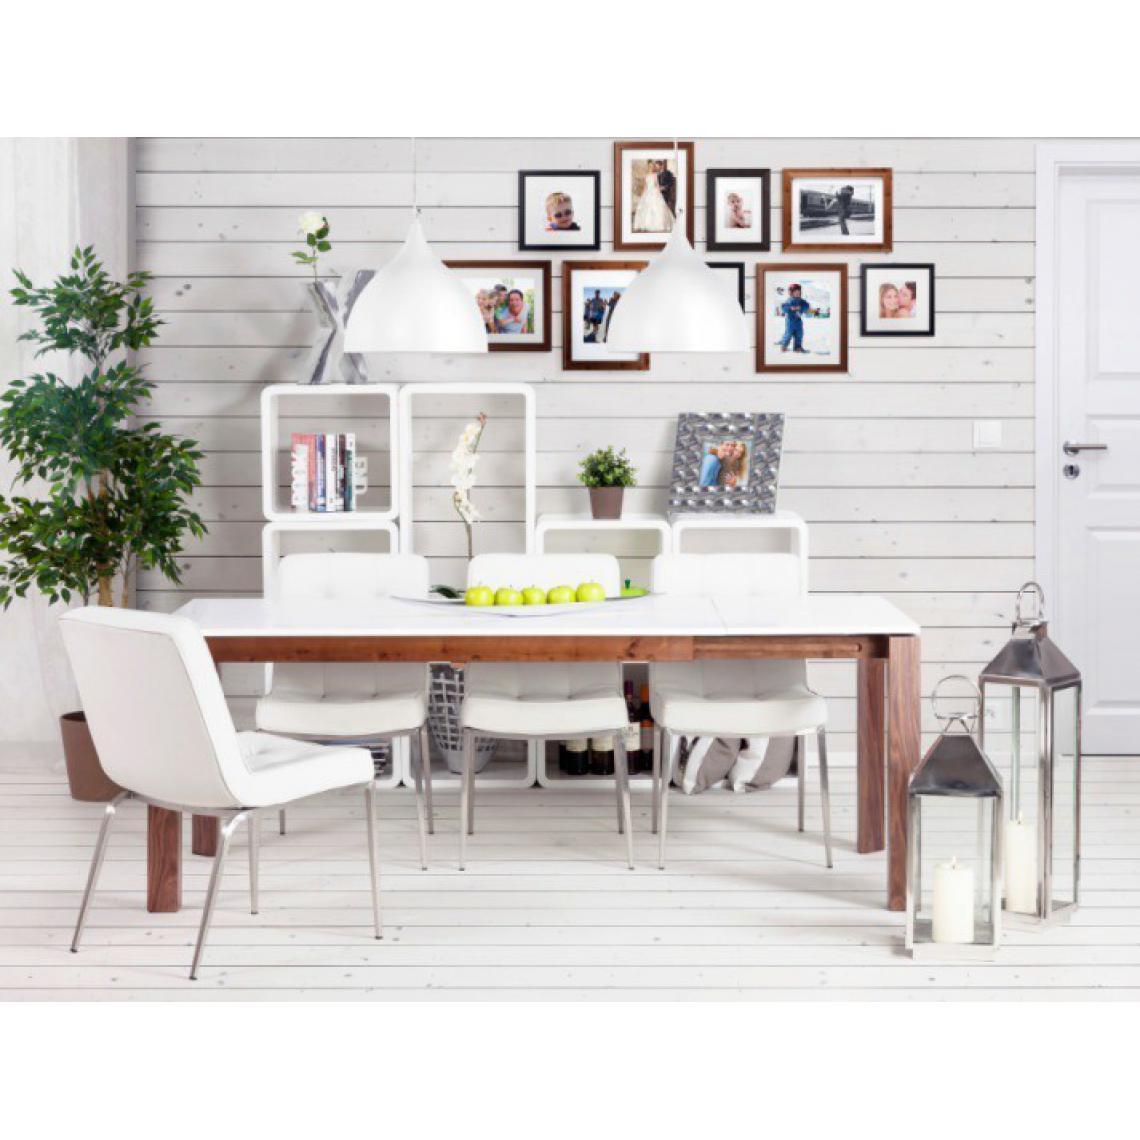 Objet Deco Laque Blanc table basse blanc laquée emily 90x35x45 plus de détails